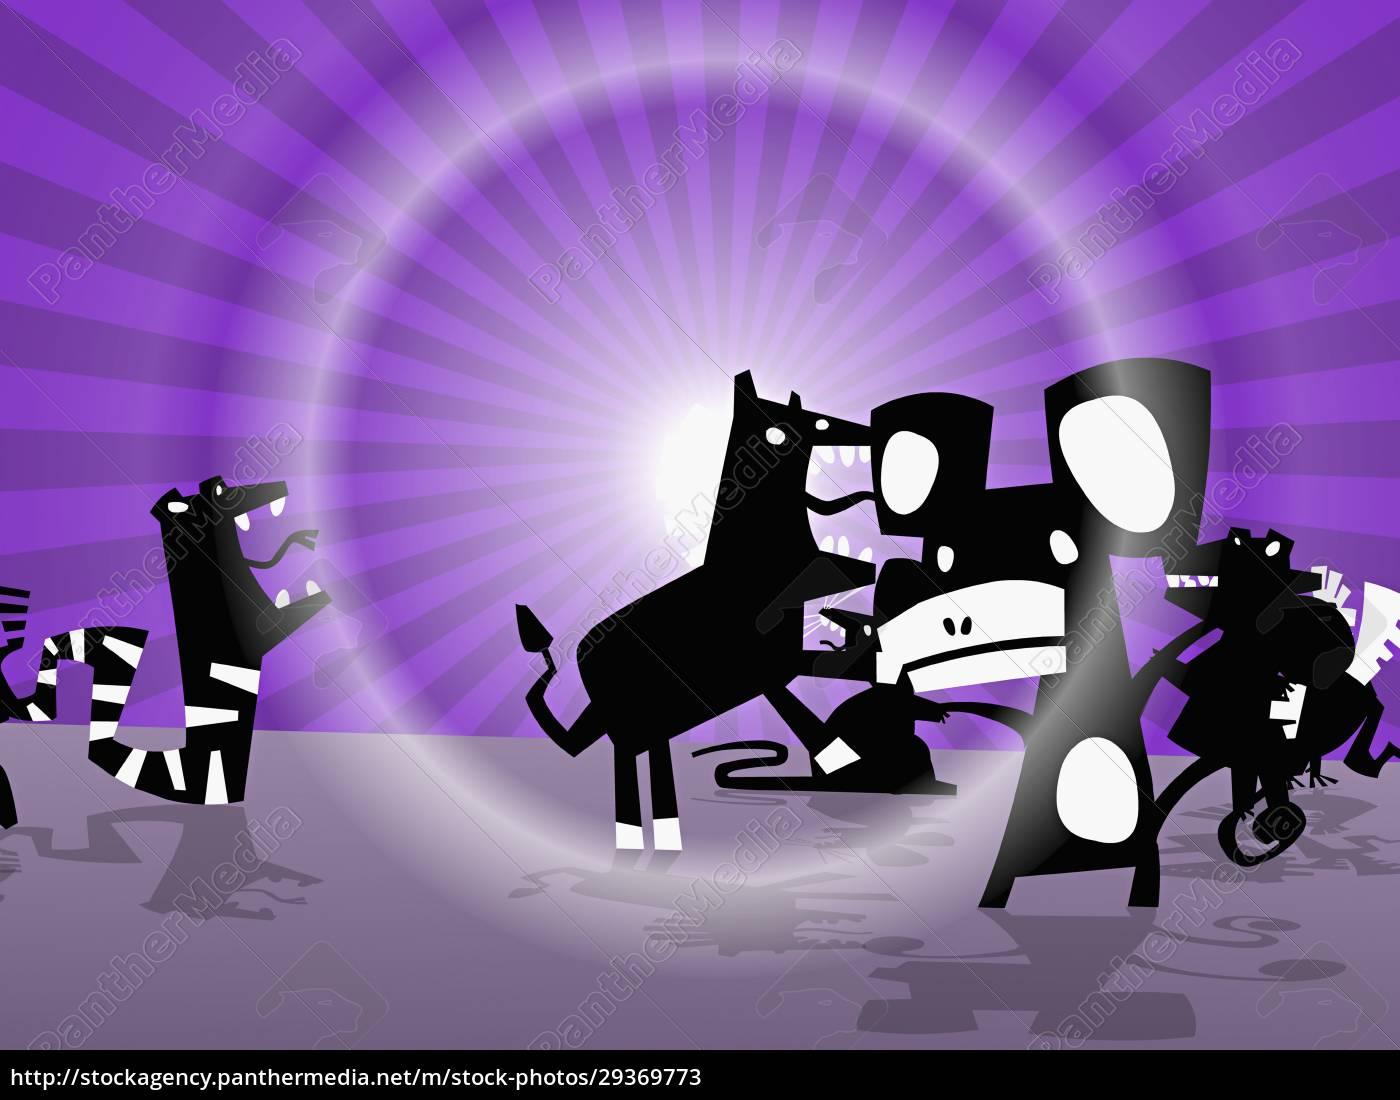 grupo, de, animales, frente, al, sol - 29369773